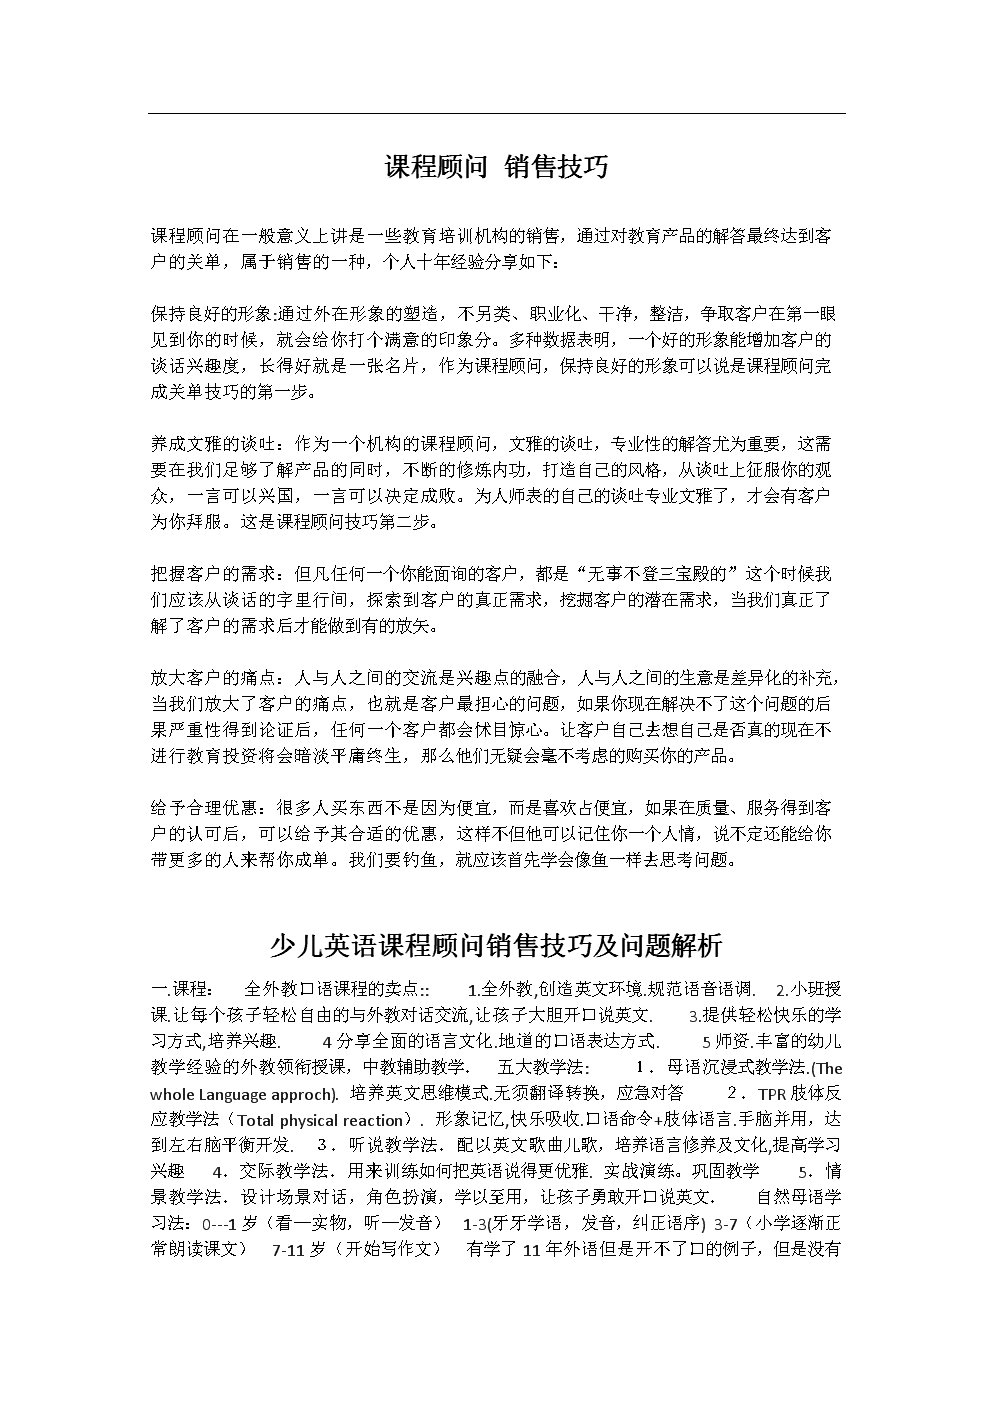 课程顾问-销售技巧.docx